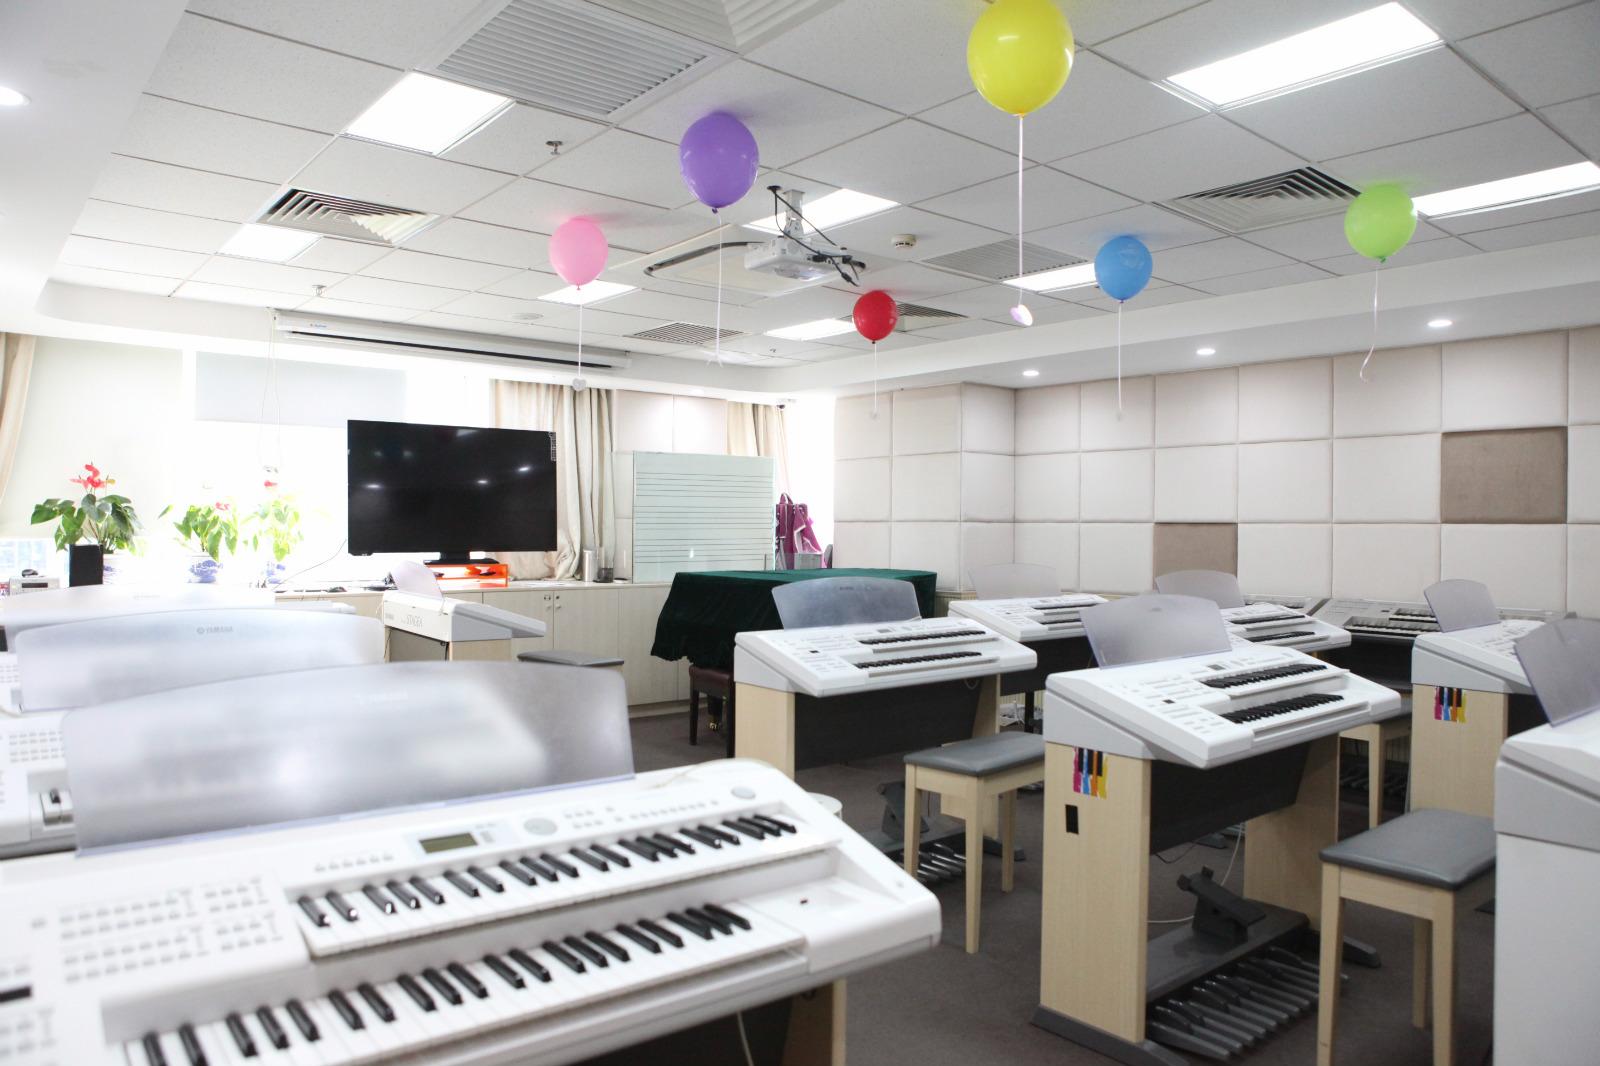 音乐培训机构开始衰败的征兆